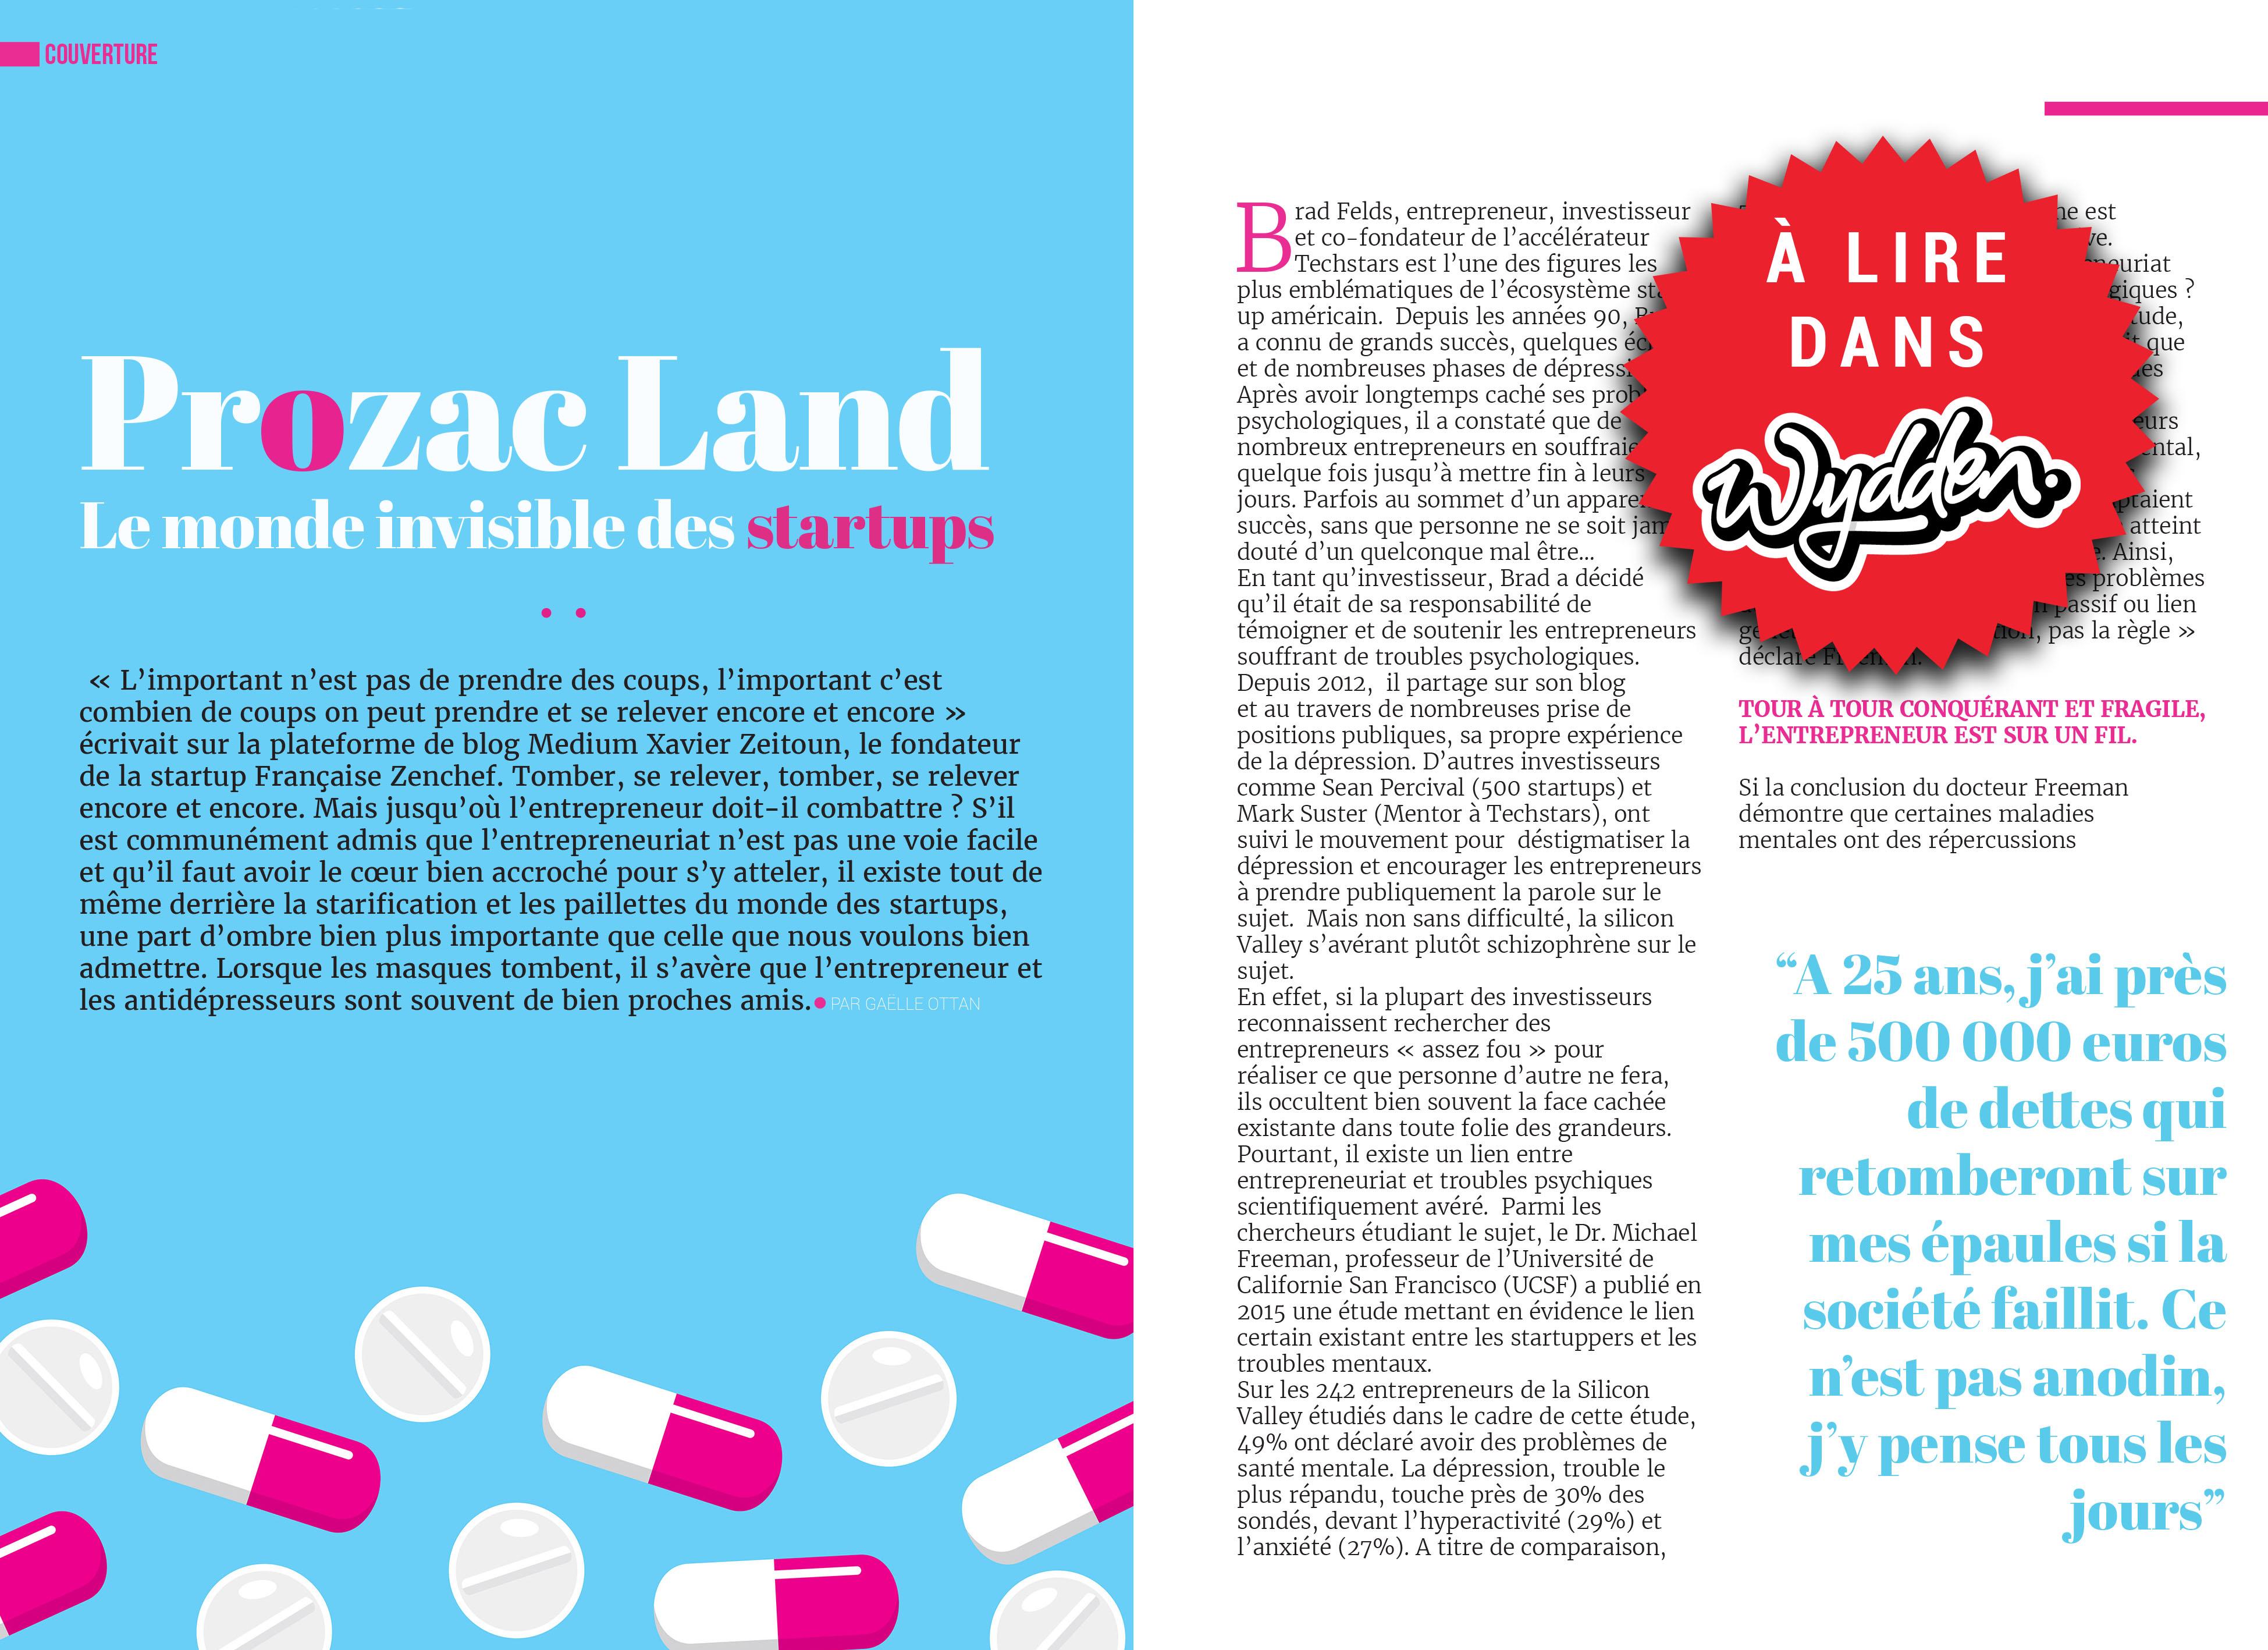 prozacland suicide startup wydden magazine